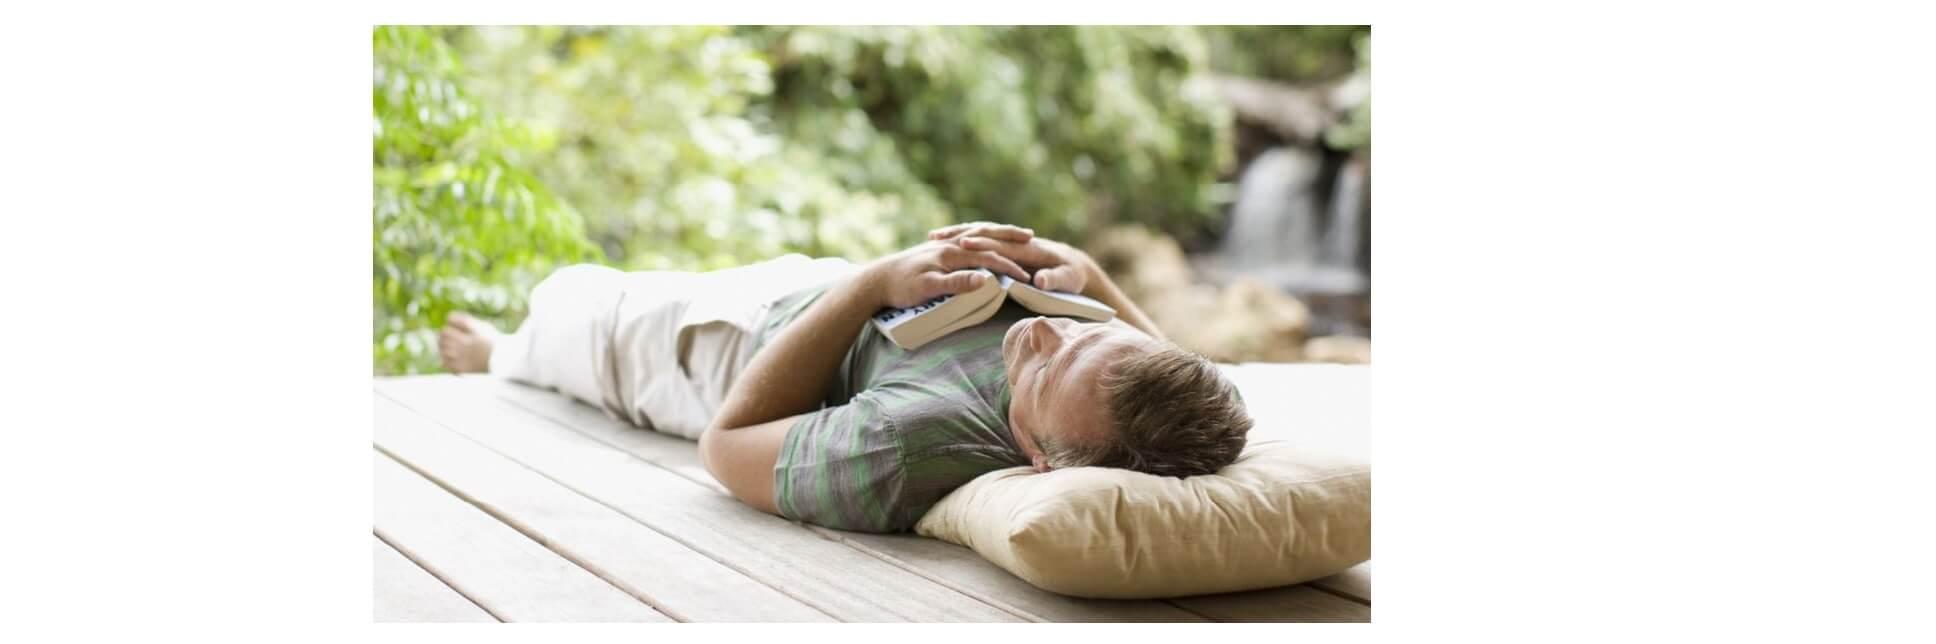 Imagem de um homem deitado com um livro aberto sobre seu peito.